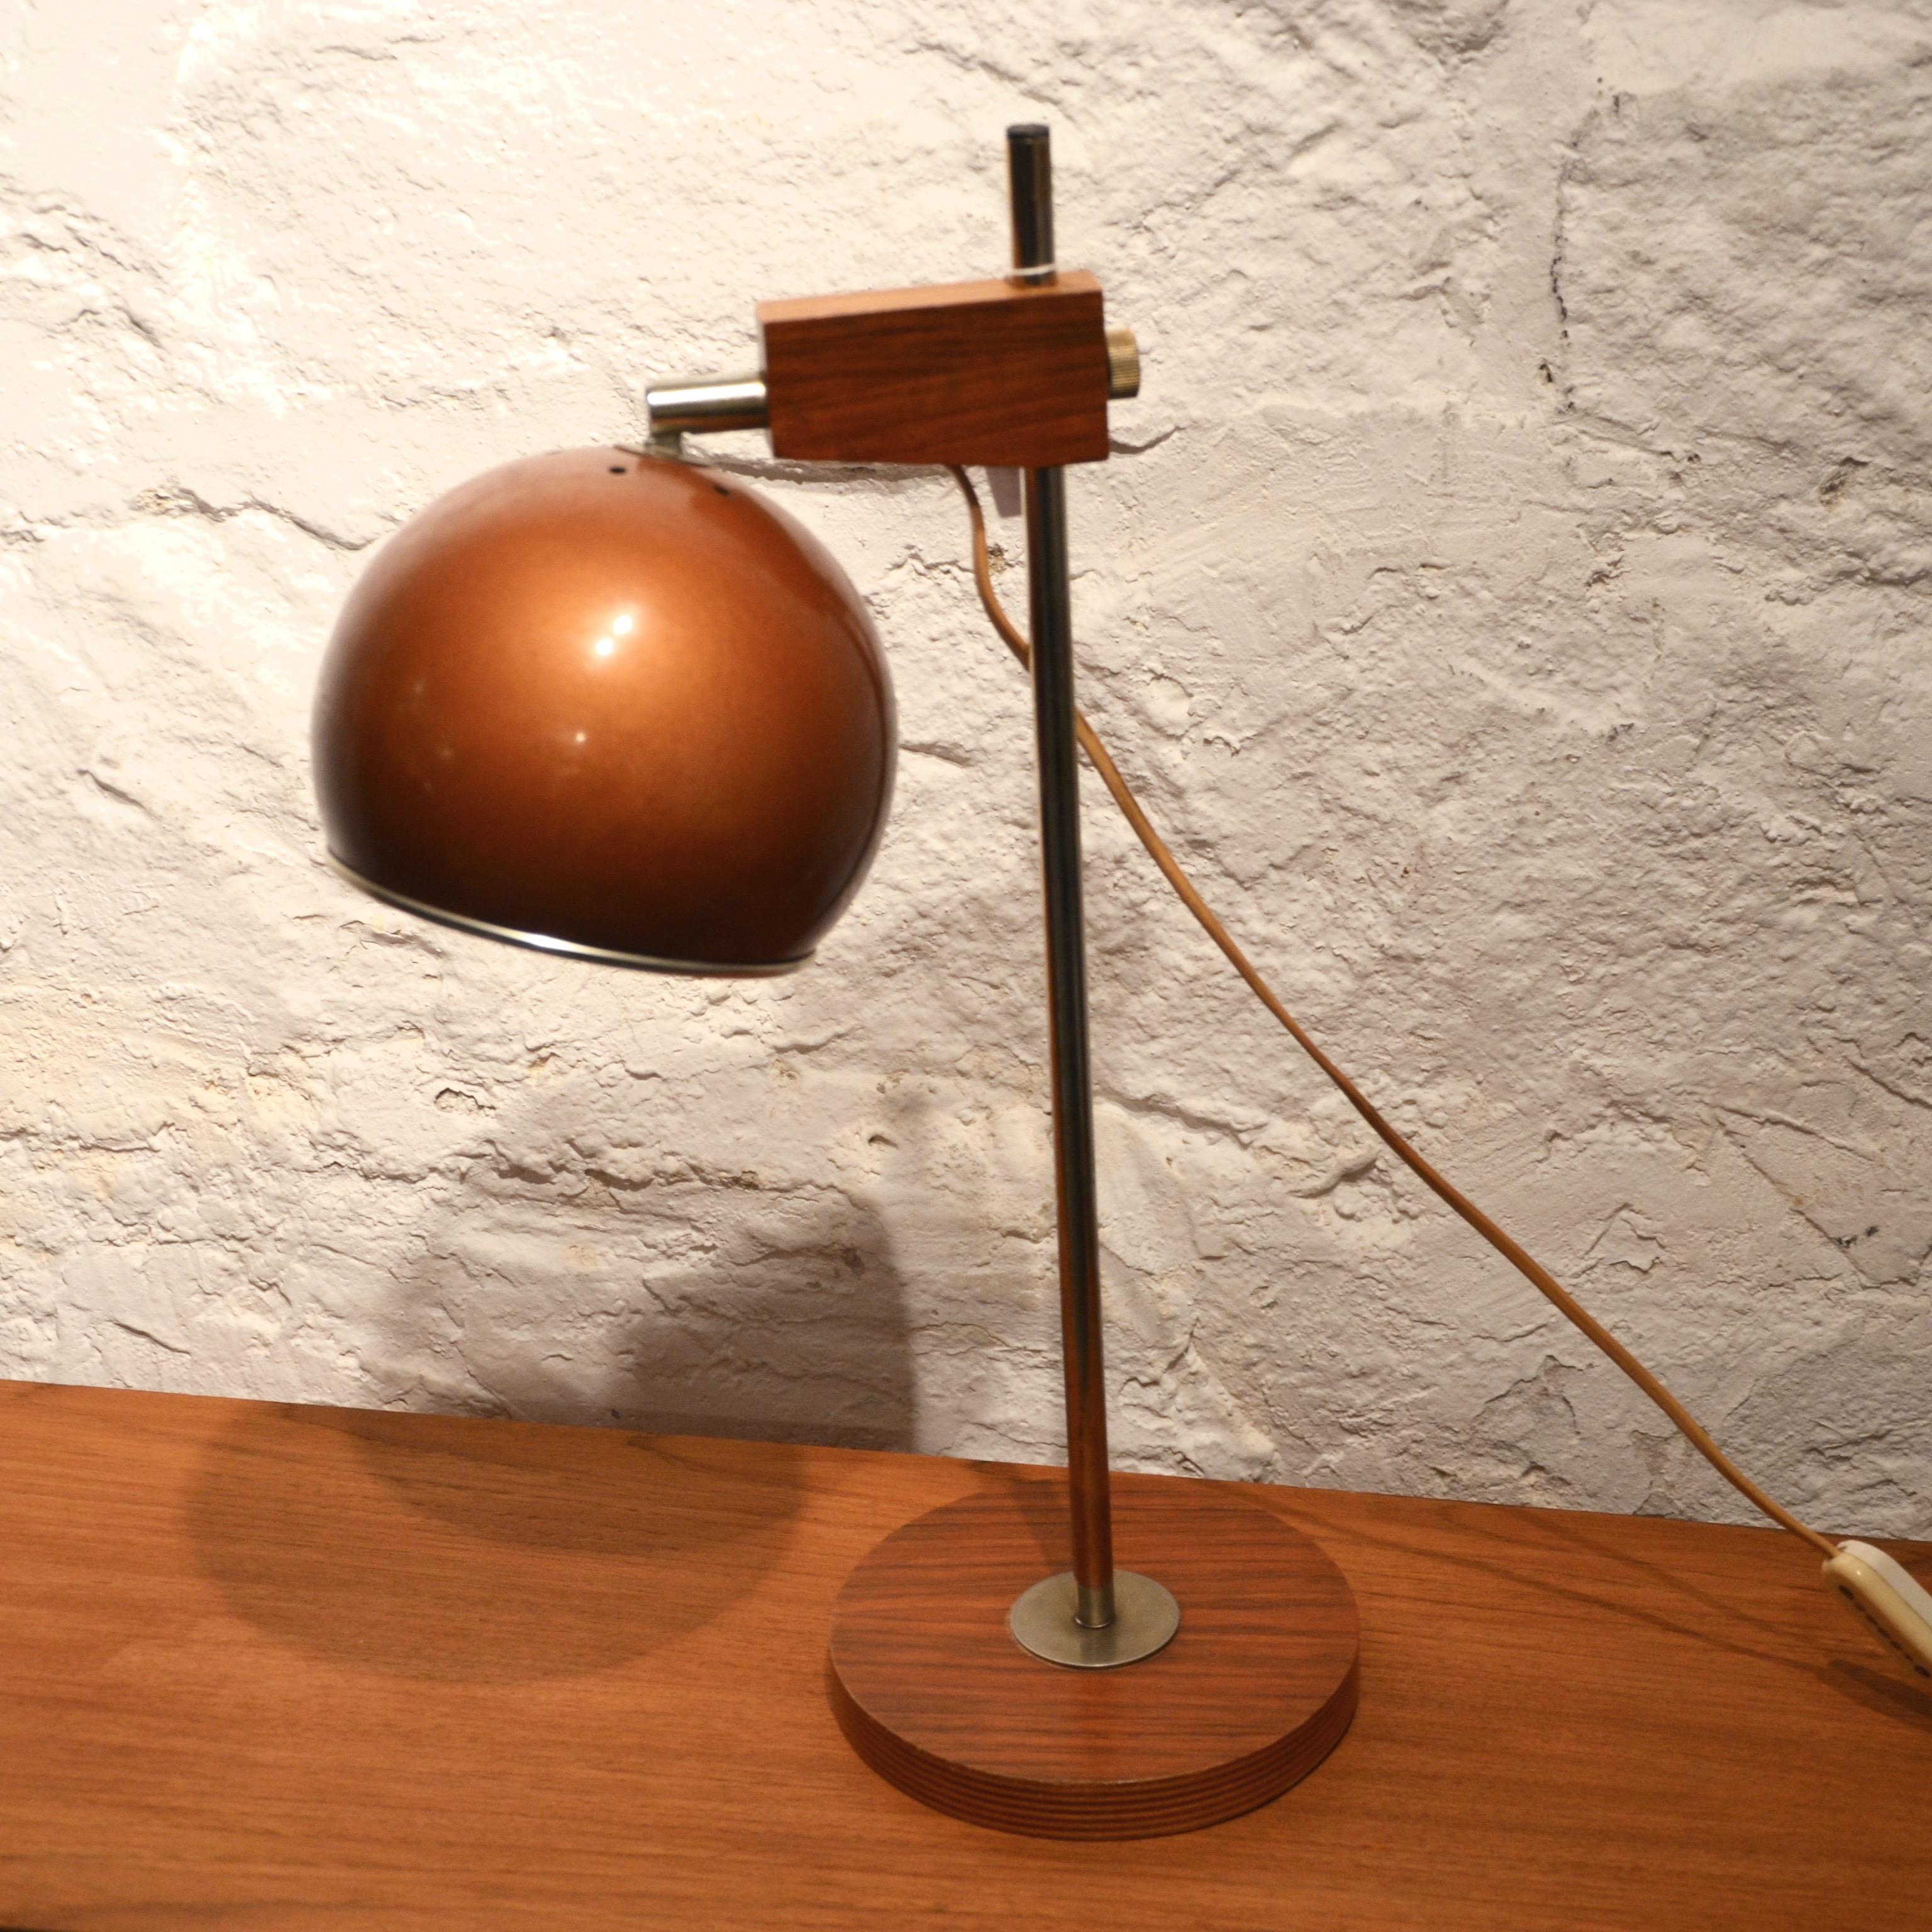 lampe poser ann es 70 bindiesbindies. Black Bedroom Furniture Sets. Home Design Ideas